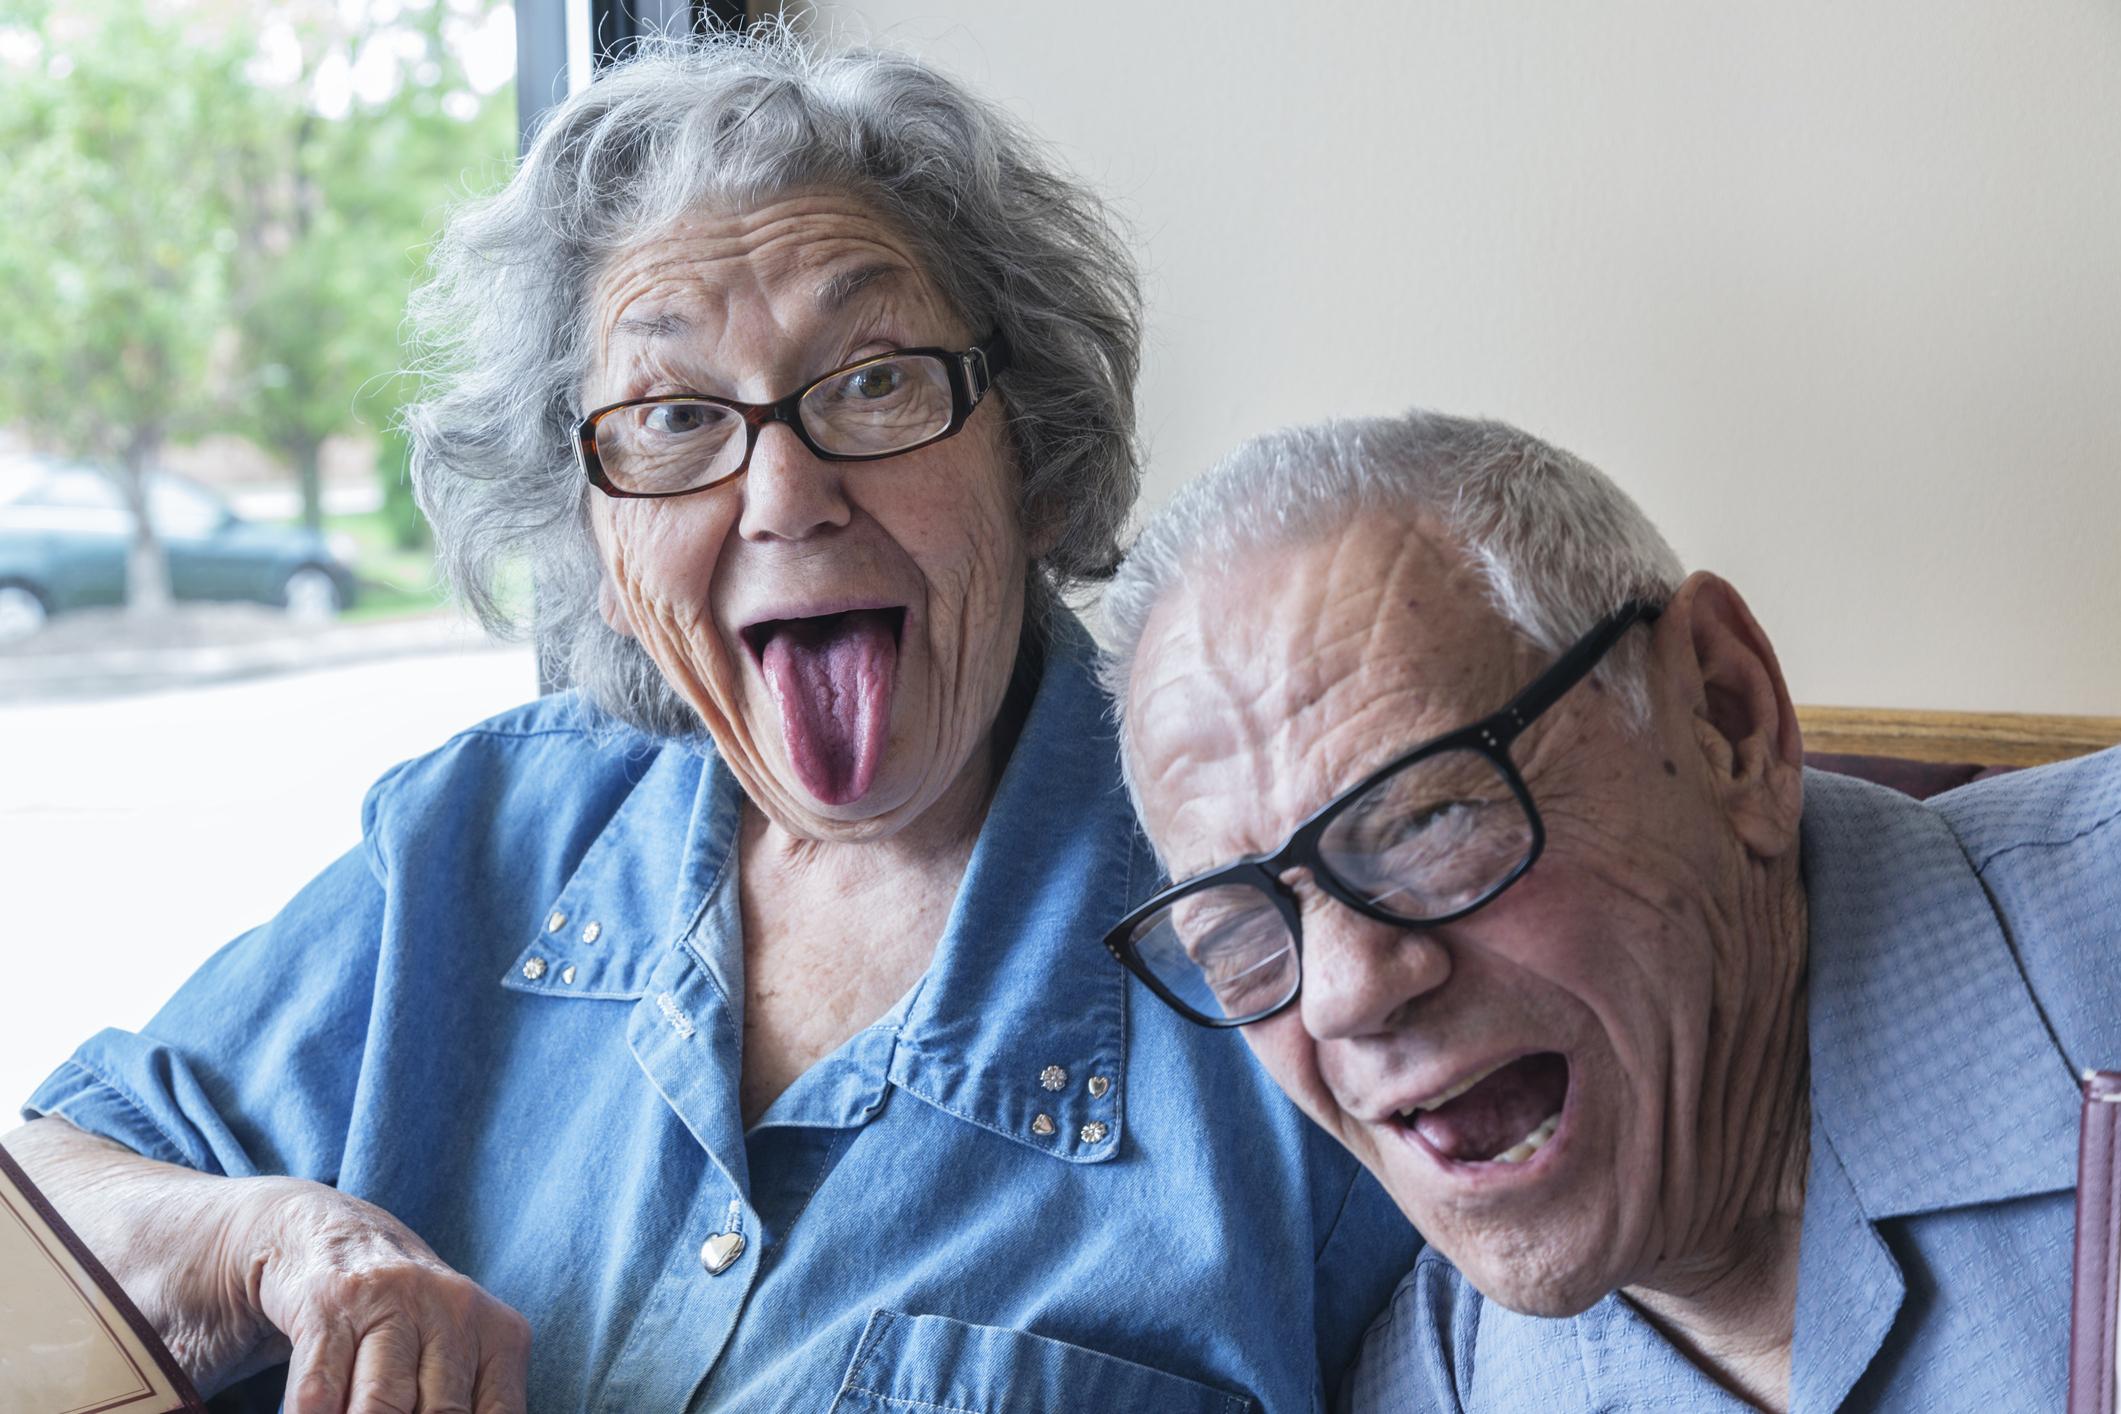 「長寿遺伝子をオンにするライフスタイルとは?」〜父が教えてくれたこと2